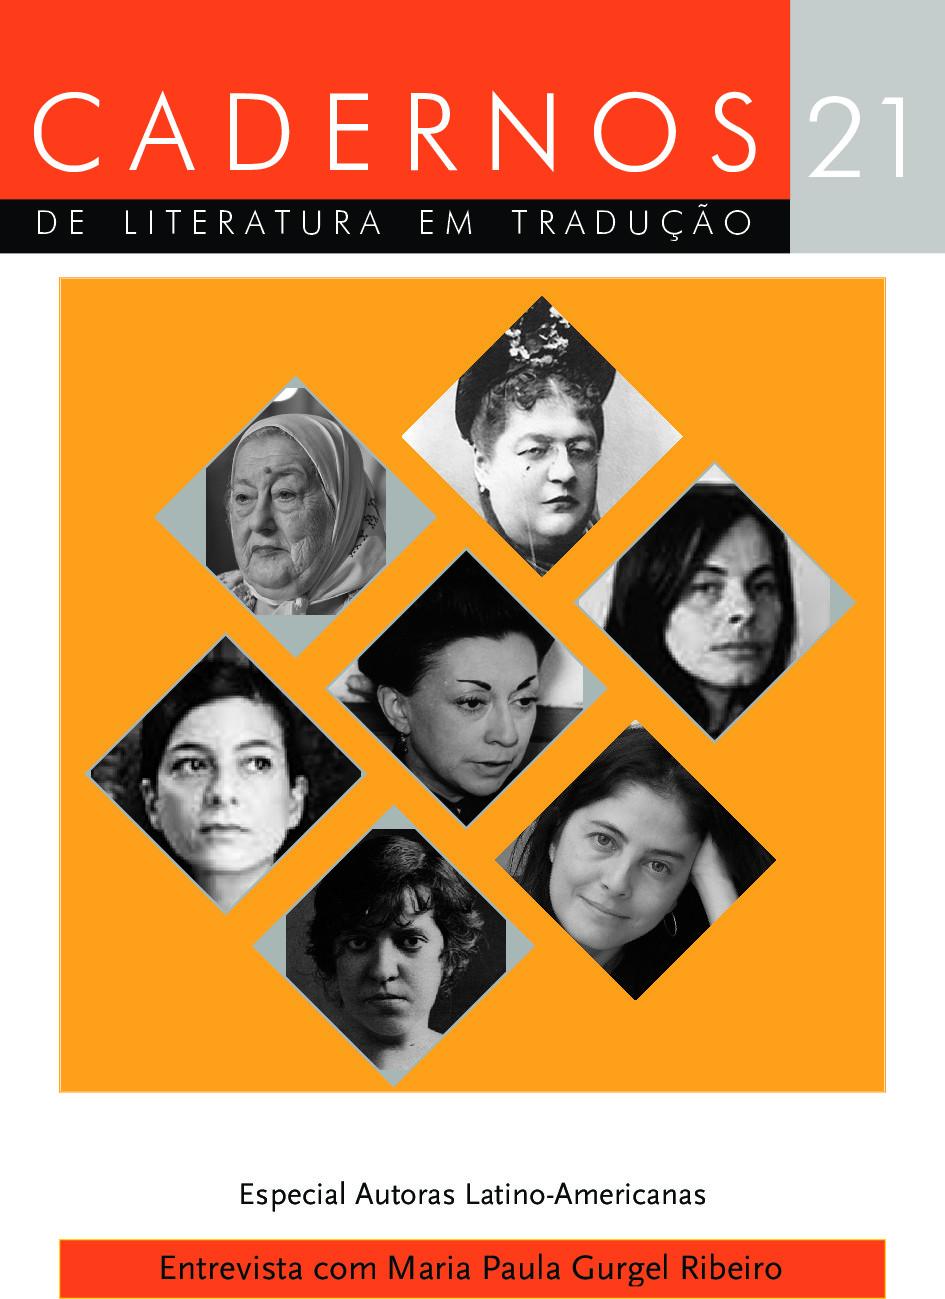 Especial Autoras Latino-Americanas apresenta uma seleção de obras escritas por mulheres latino-americanas, traduzidas ao português. Editores convidados: Barbara Zocal e Wilson Alvez-Bezerra.  Capa: colagem de fotos das autoras traduzidas.